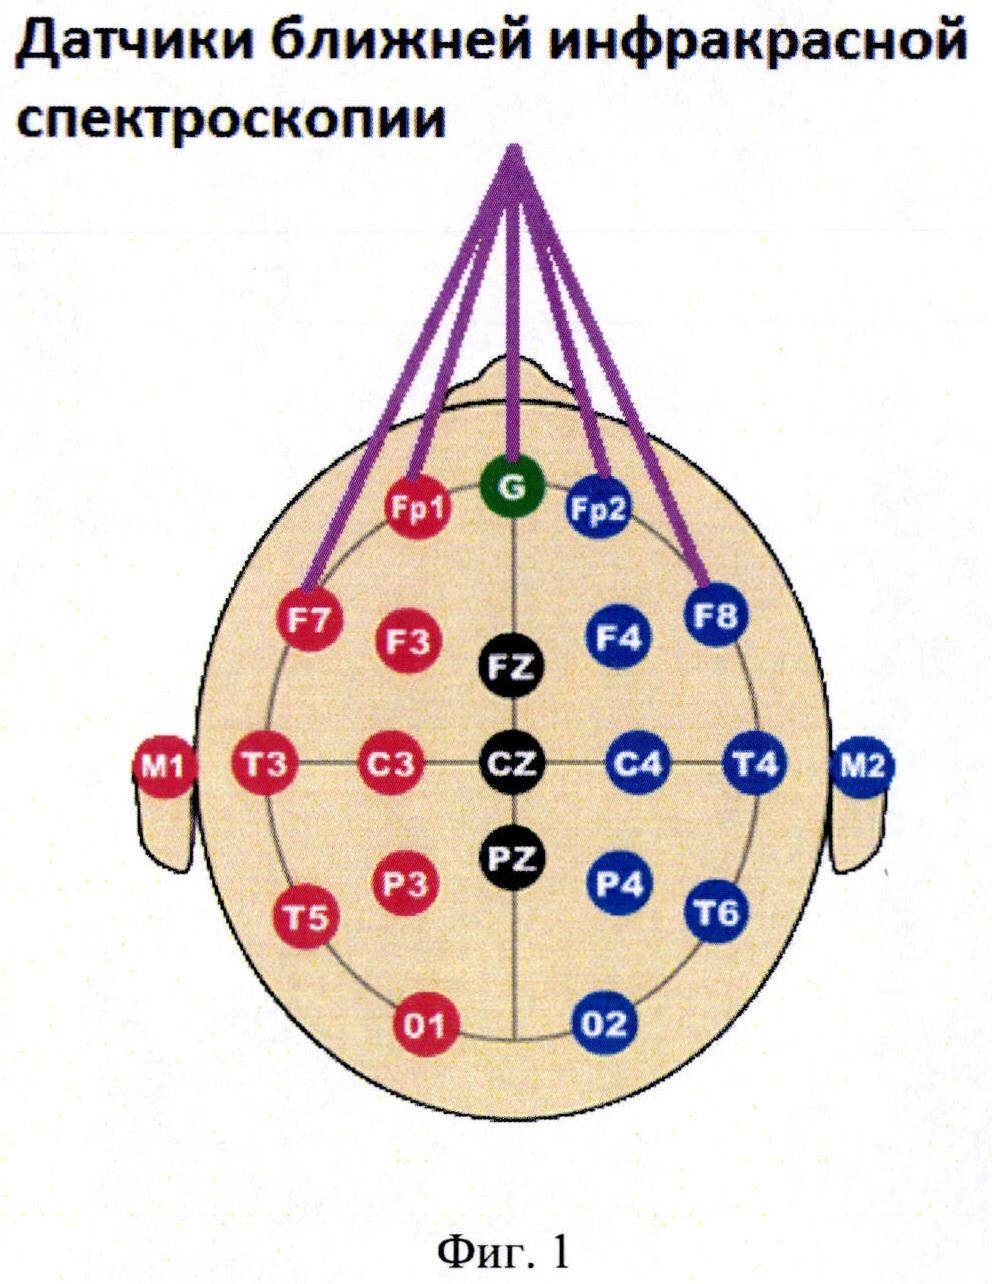 Способ гибридной регистрации метаболической активности головного мозга человека